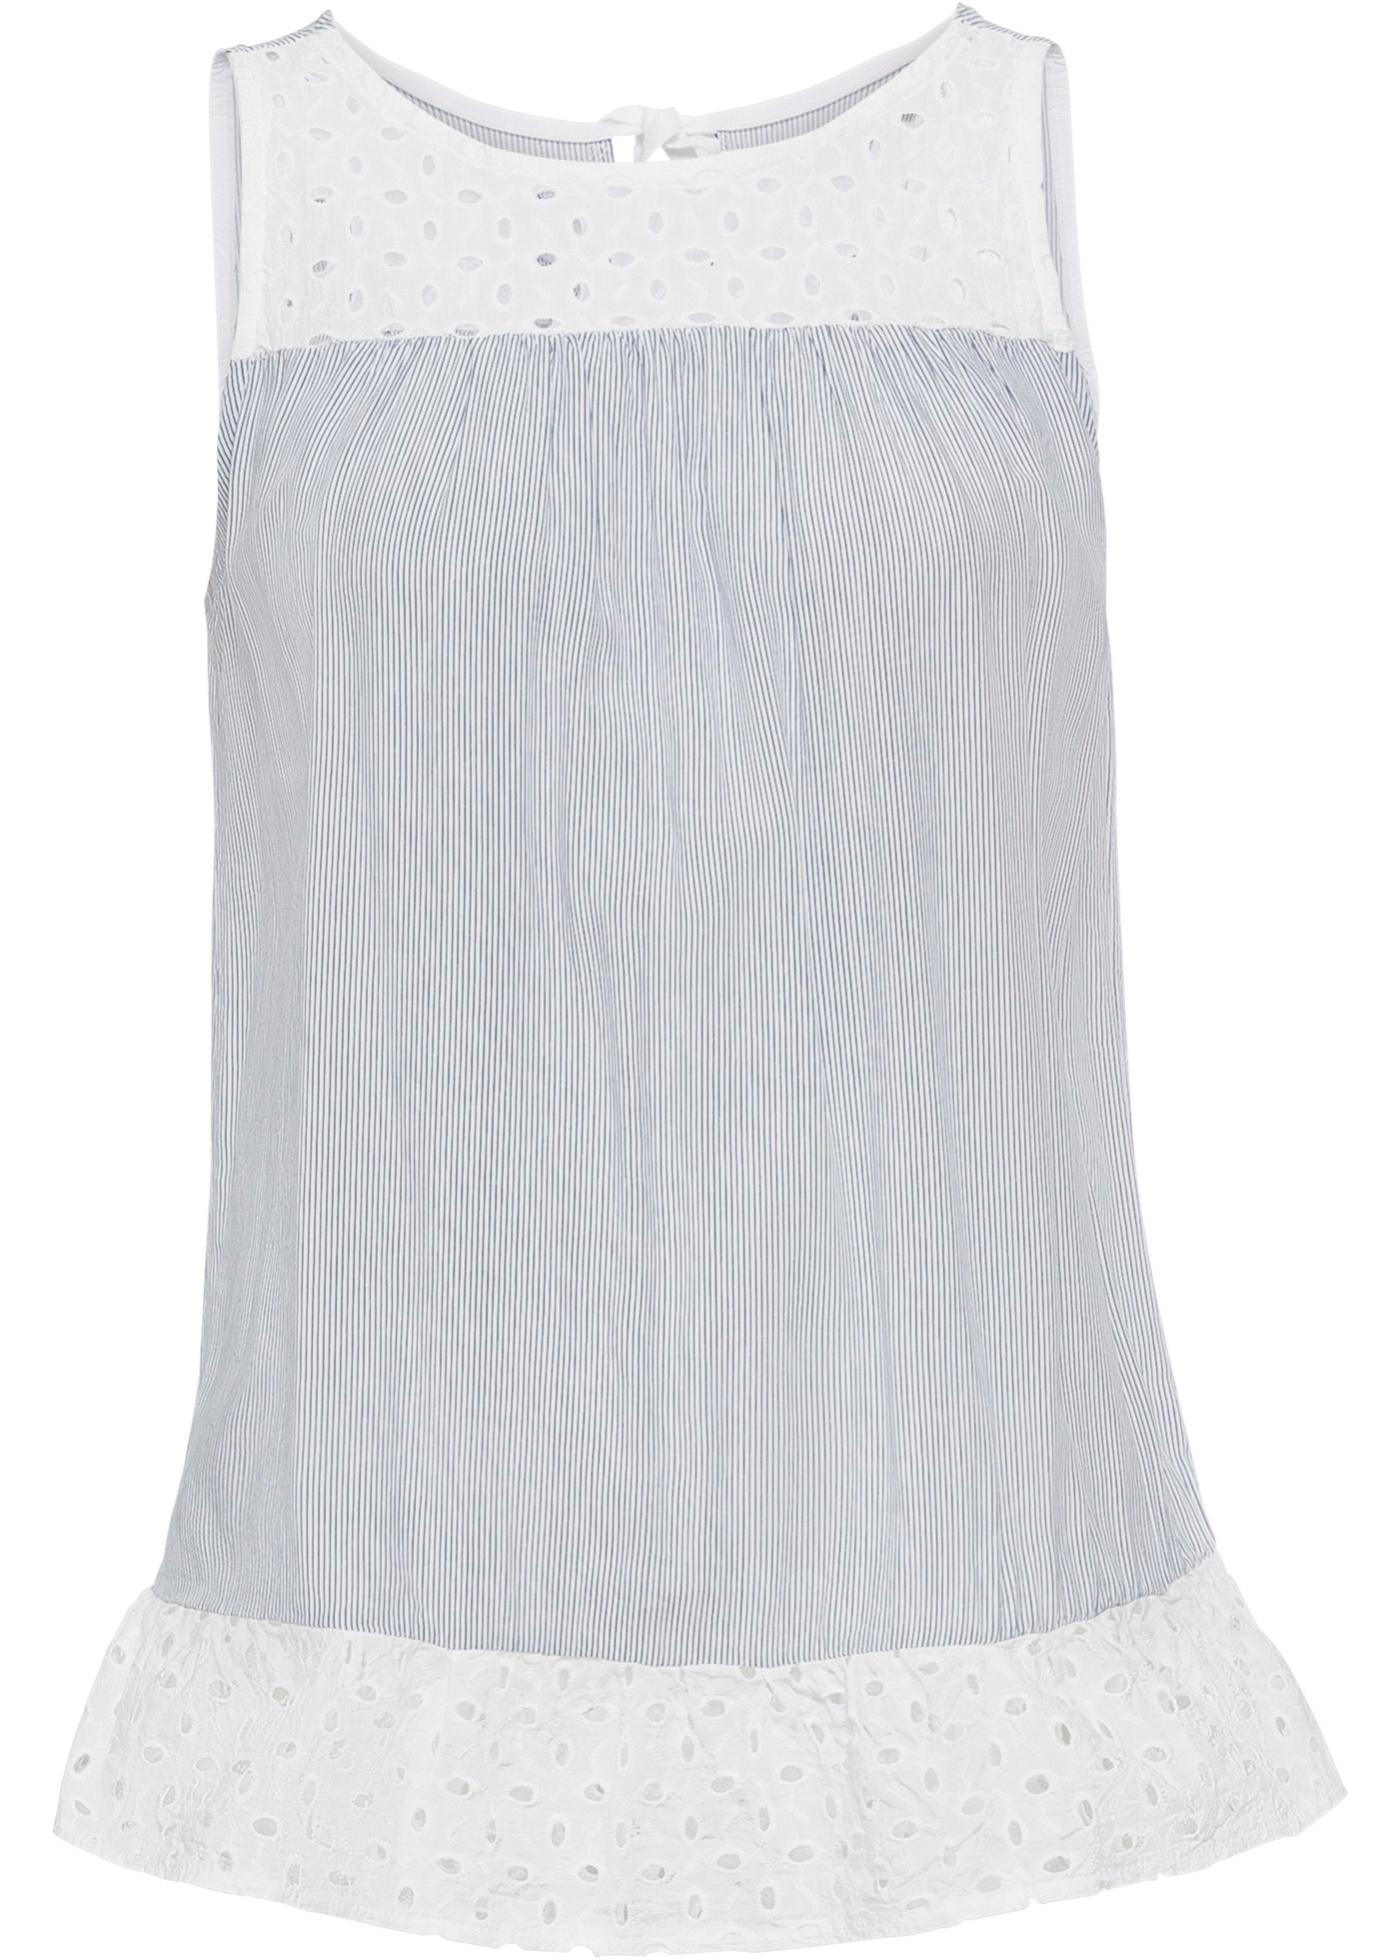 Blusentop mit Lochstickerei ohne Ärmel  in weiß für Damen von bonprix